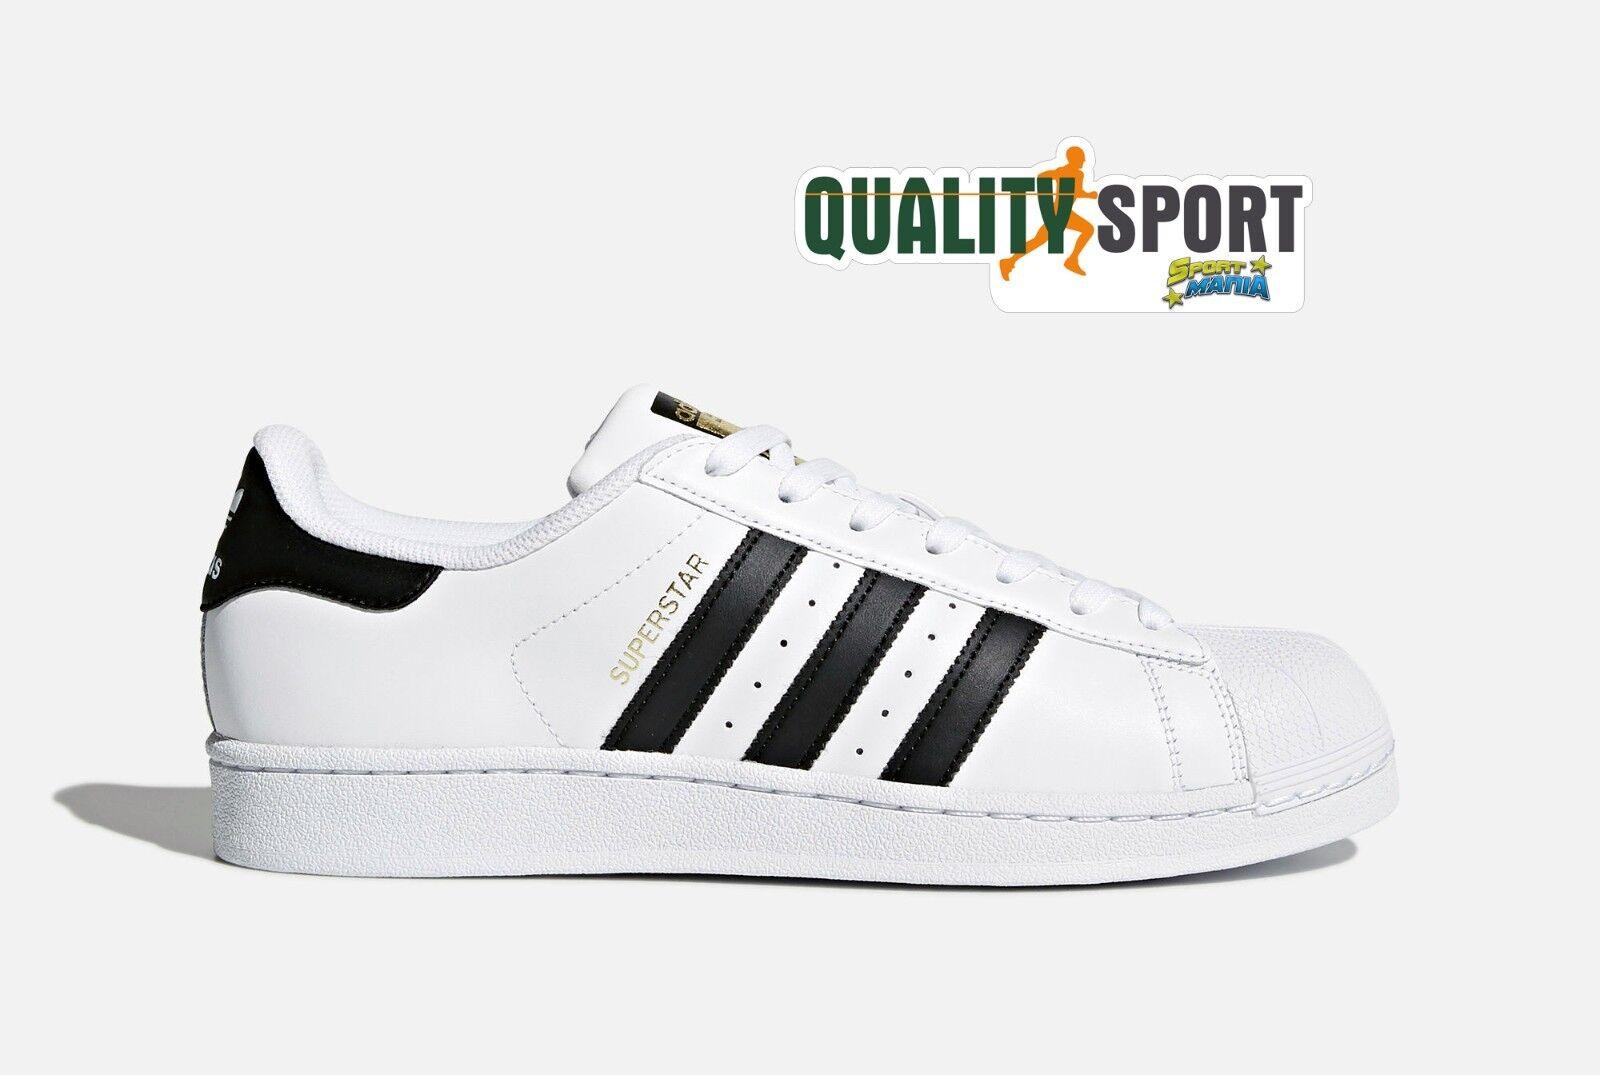 Adidas Superstar Bianco Nero  Zapato  hombre Nuevo Deporteive Deporteive Nuevo  Zapatillas  C77124 2018 67b752